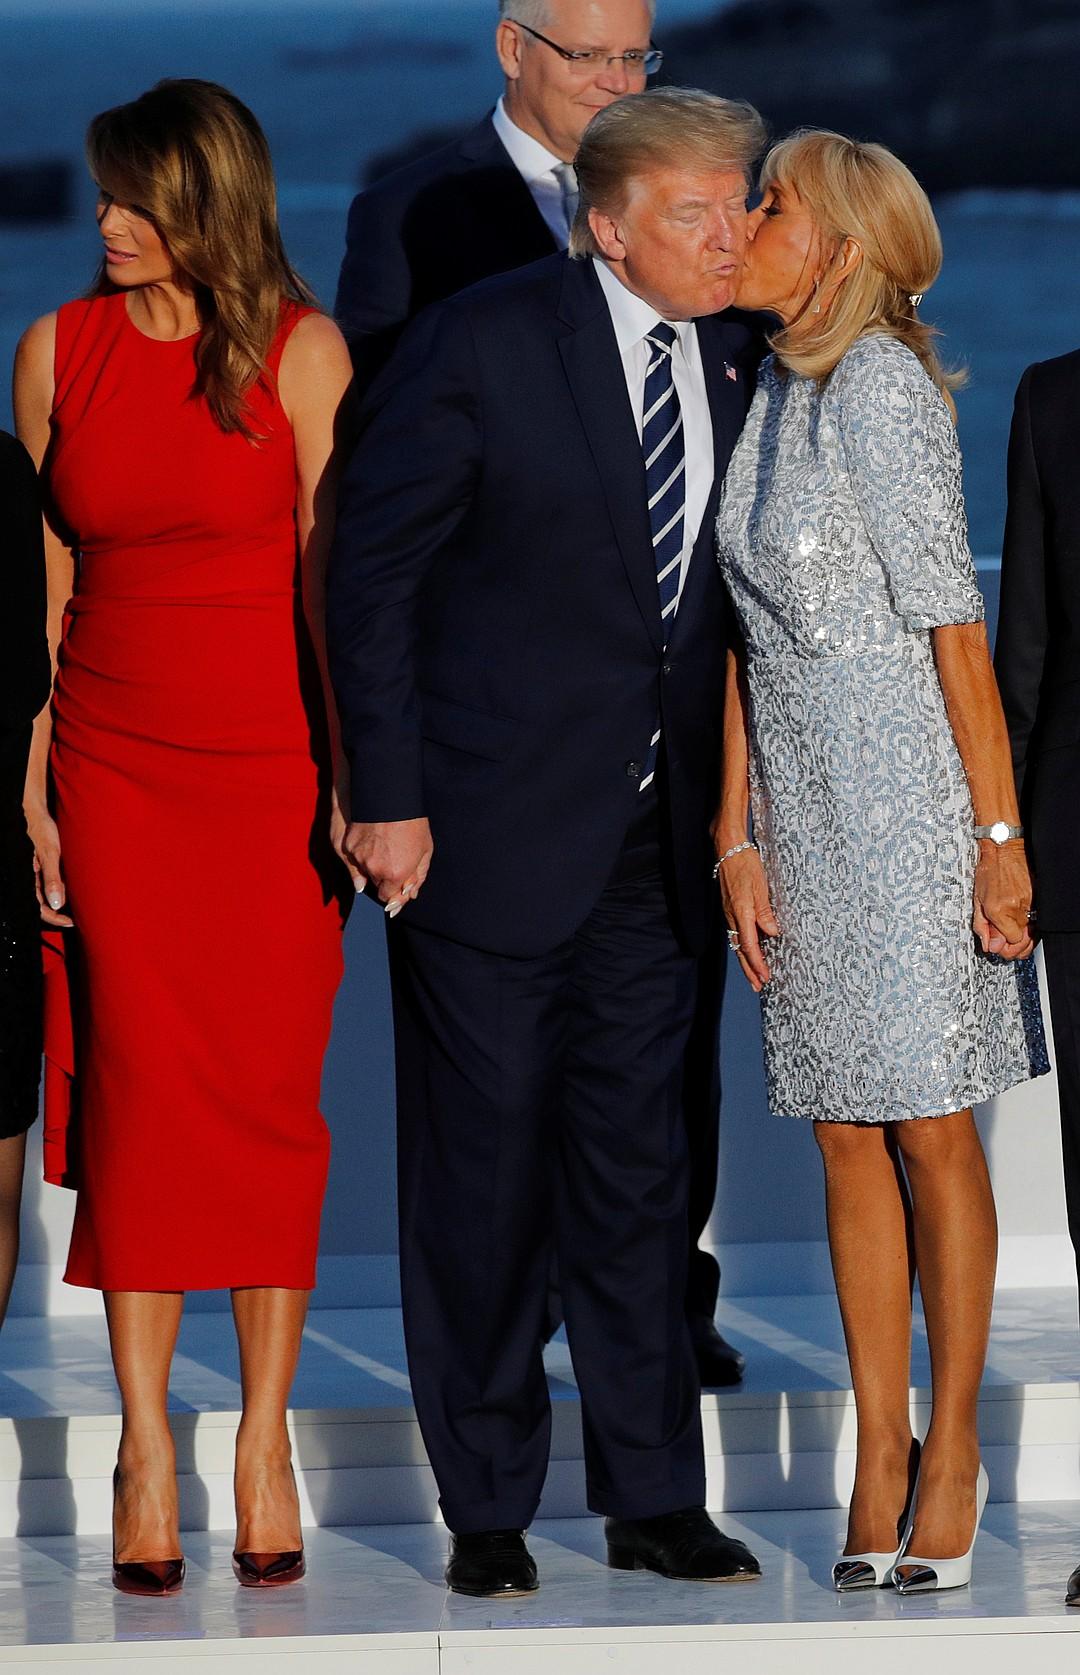 Меланья поцеловала Трюдо после того, как жена Макрона поцеловала Трампа